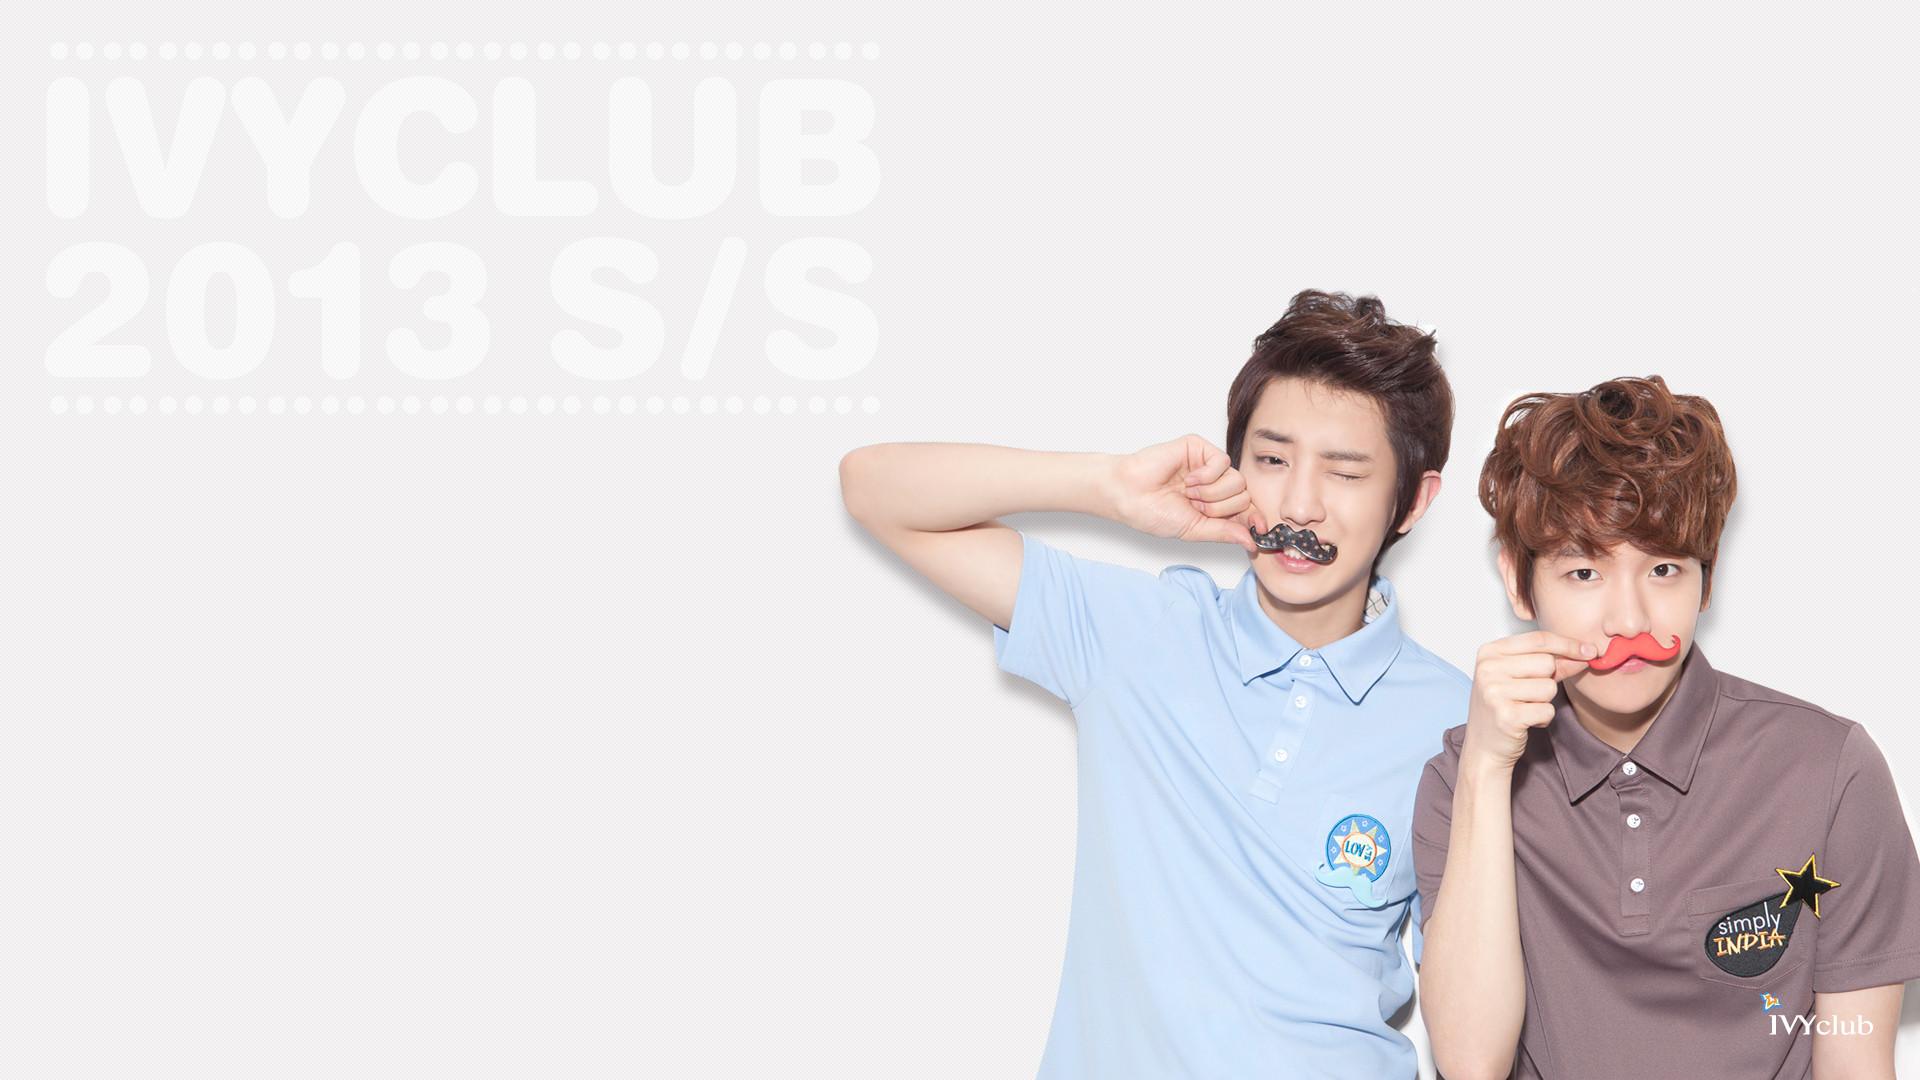 Exo Hd Wallpaper Asiachan Kpop Jpop Image Board